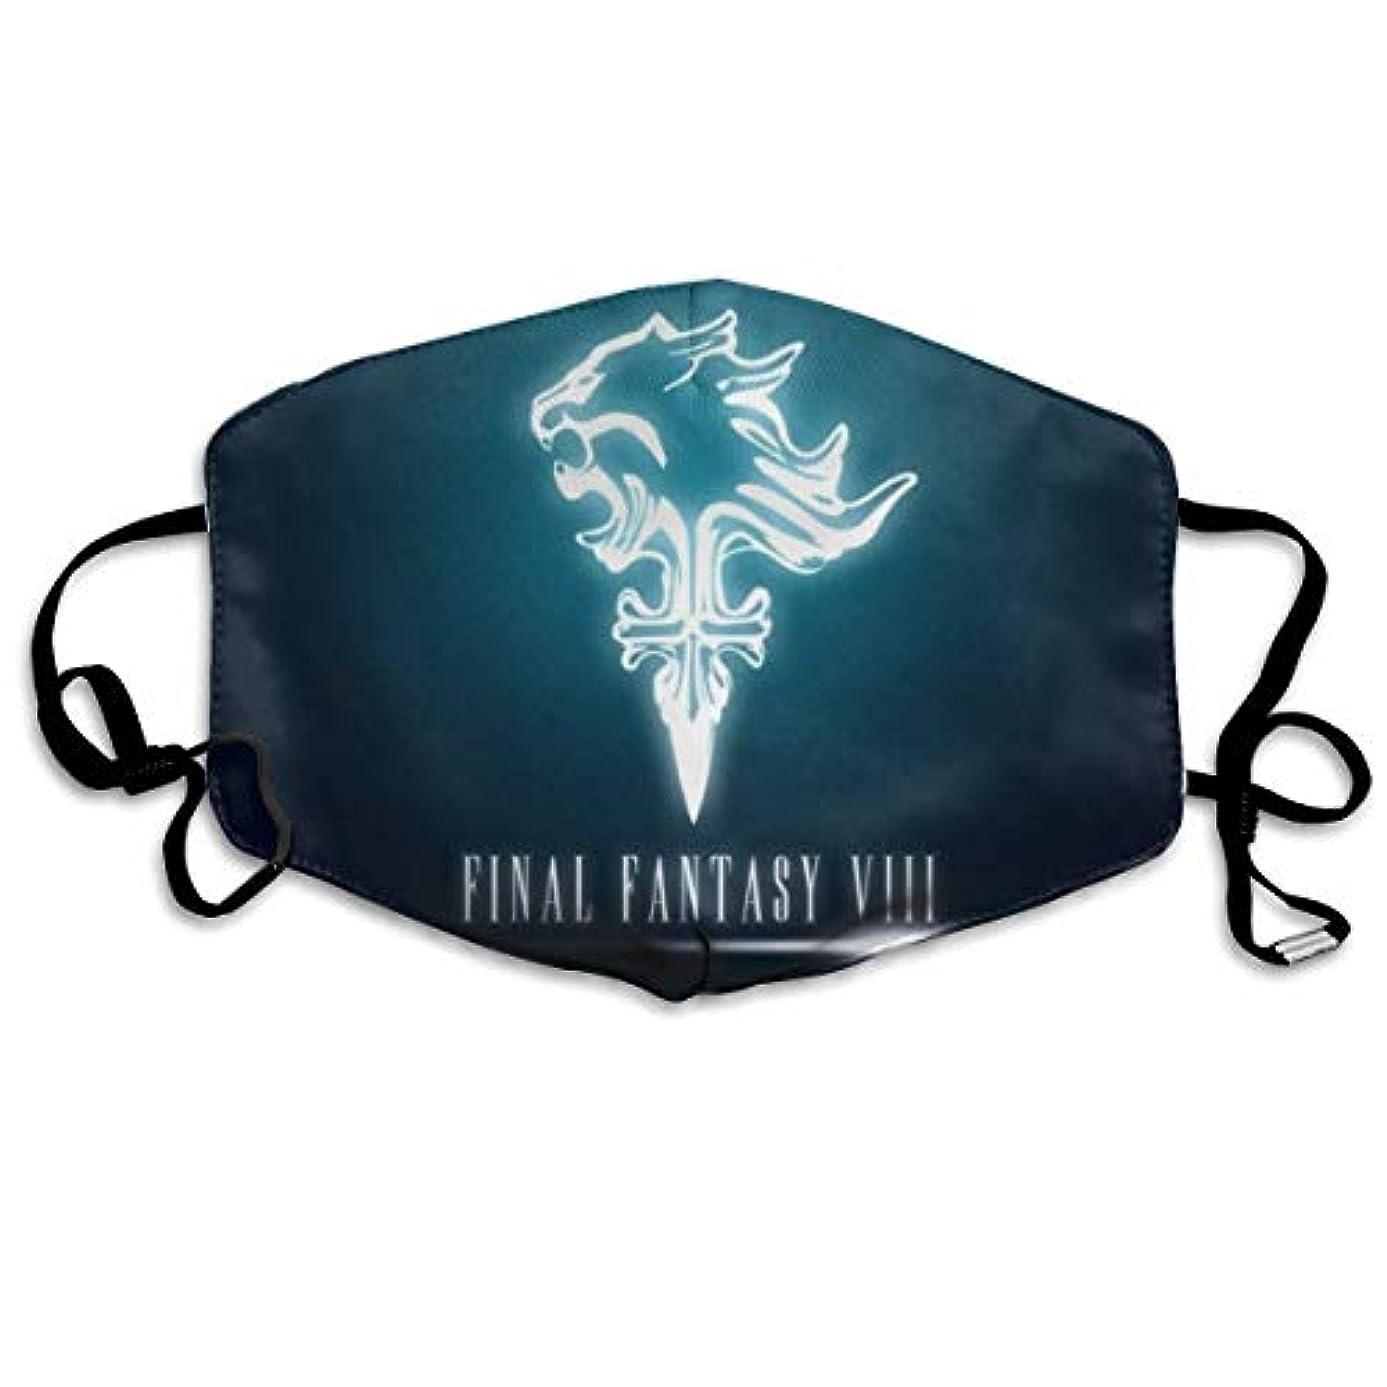 独裁観客政策マスク Final Fantasy31 立体構造マスク ファッションスタイル マスク PM2.5マスク 繰り返し使え 肌荒れしない 風邪対応風邪予防 男女兼用